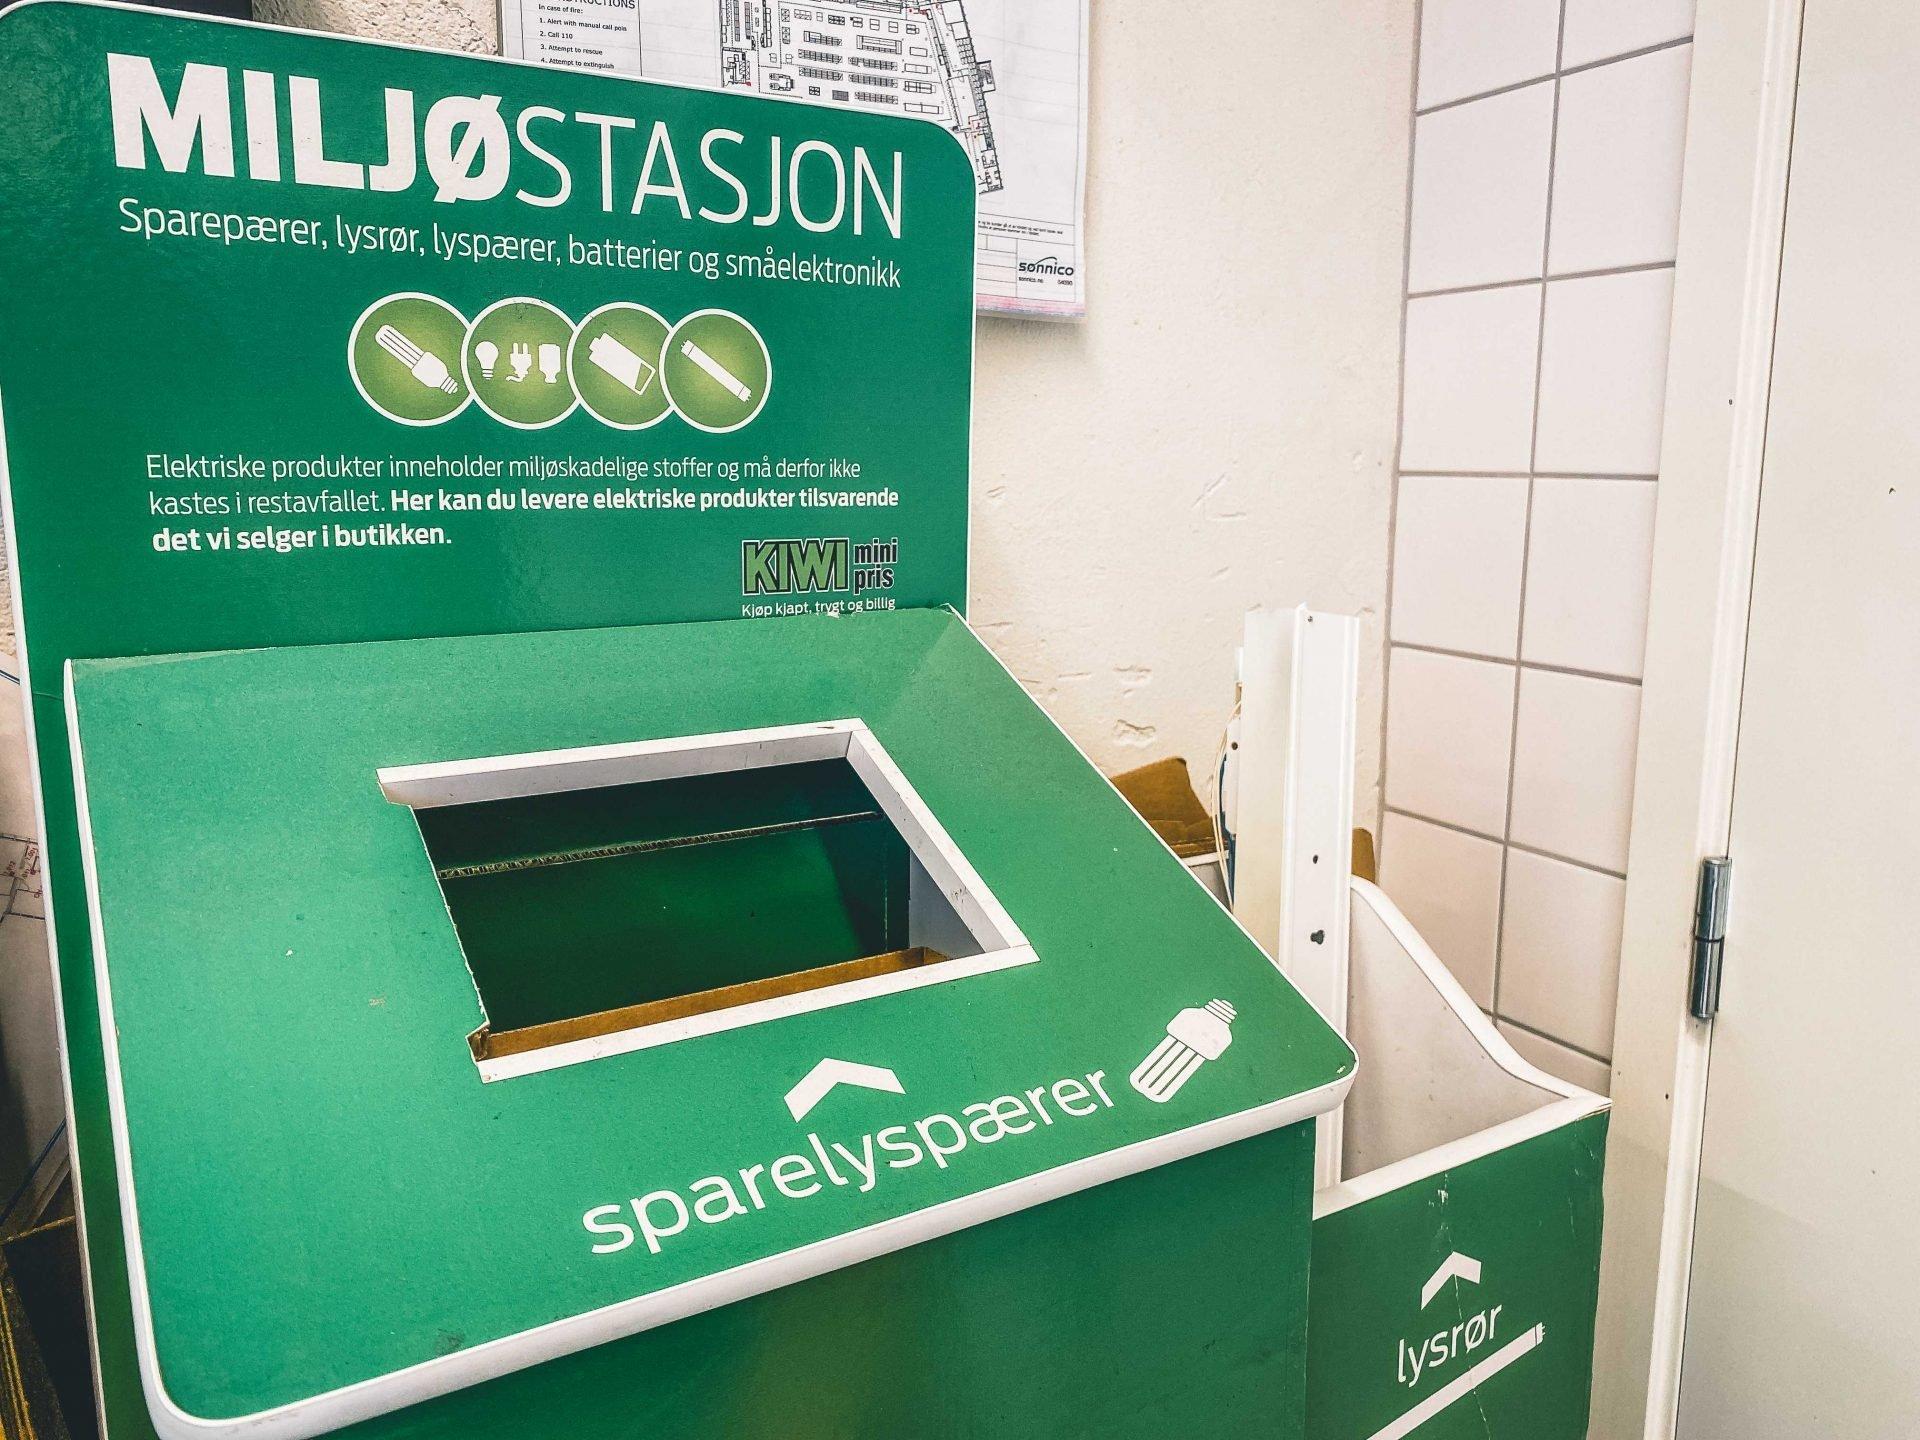 segregacja śmieci wNorwegii